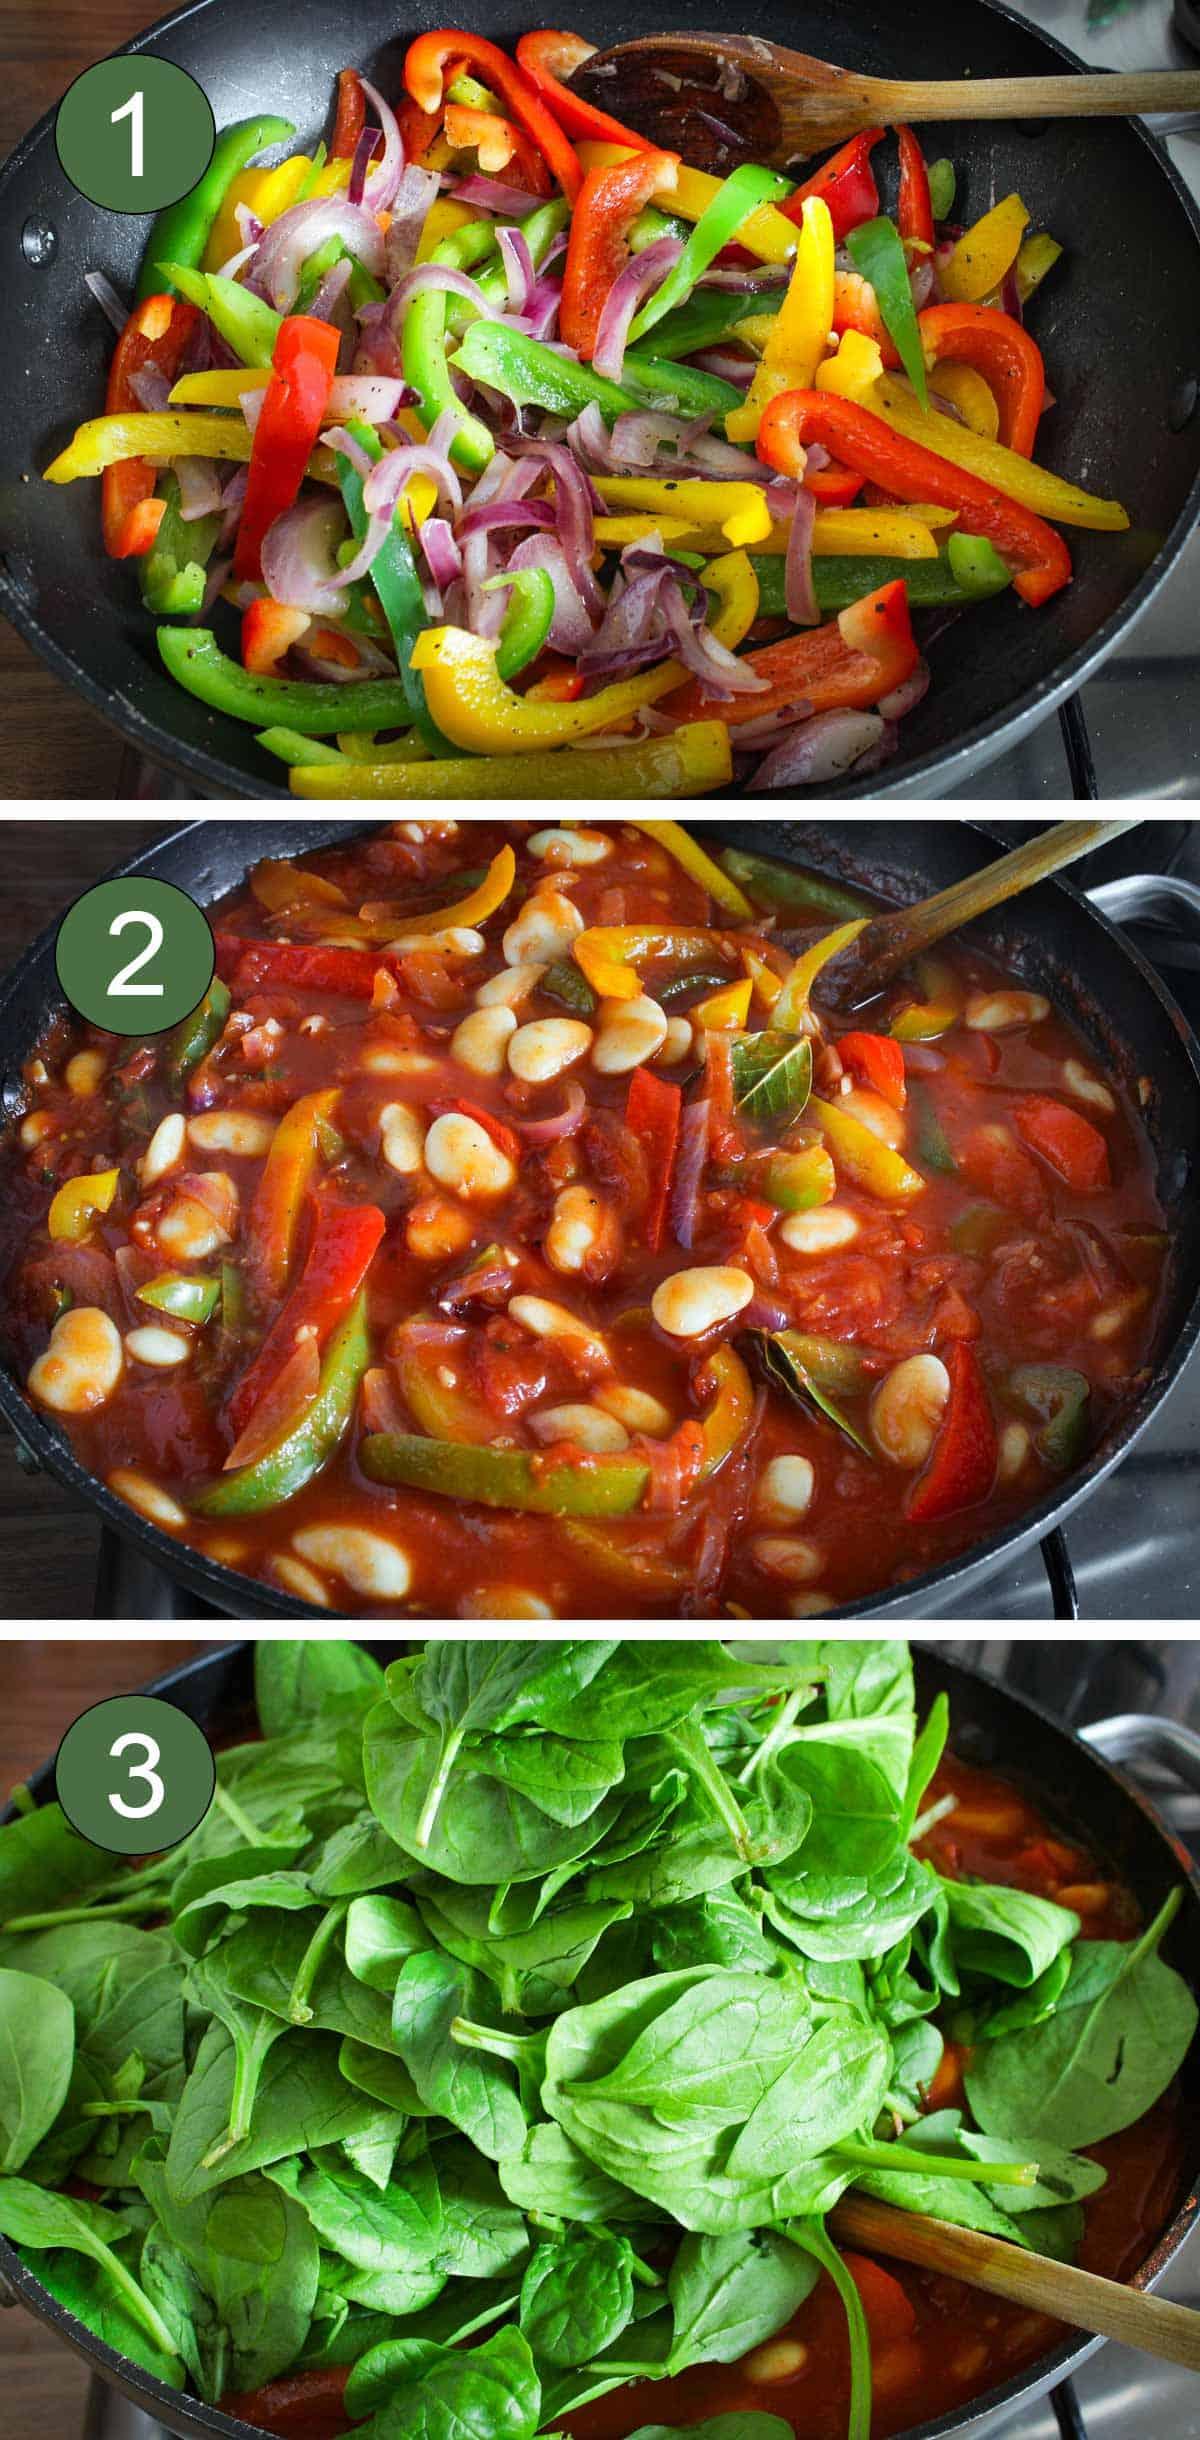 How to Make Butter Bean Stew Process Shots